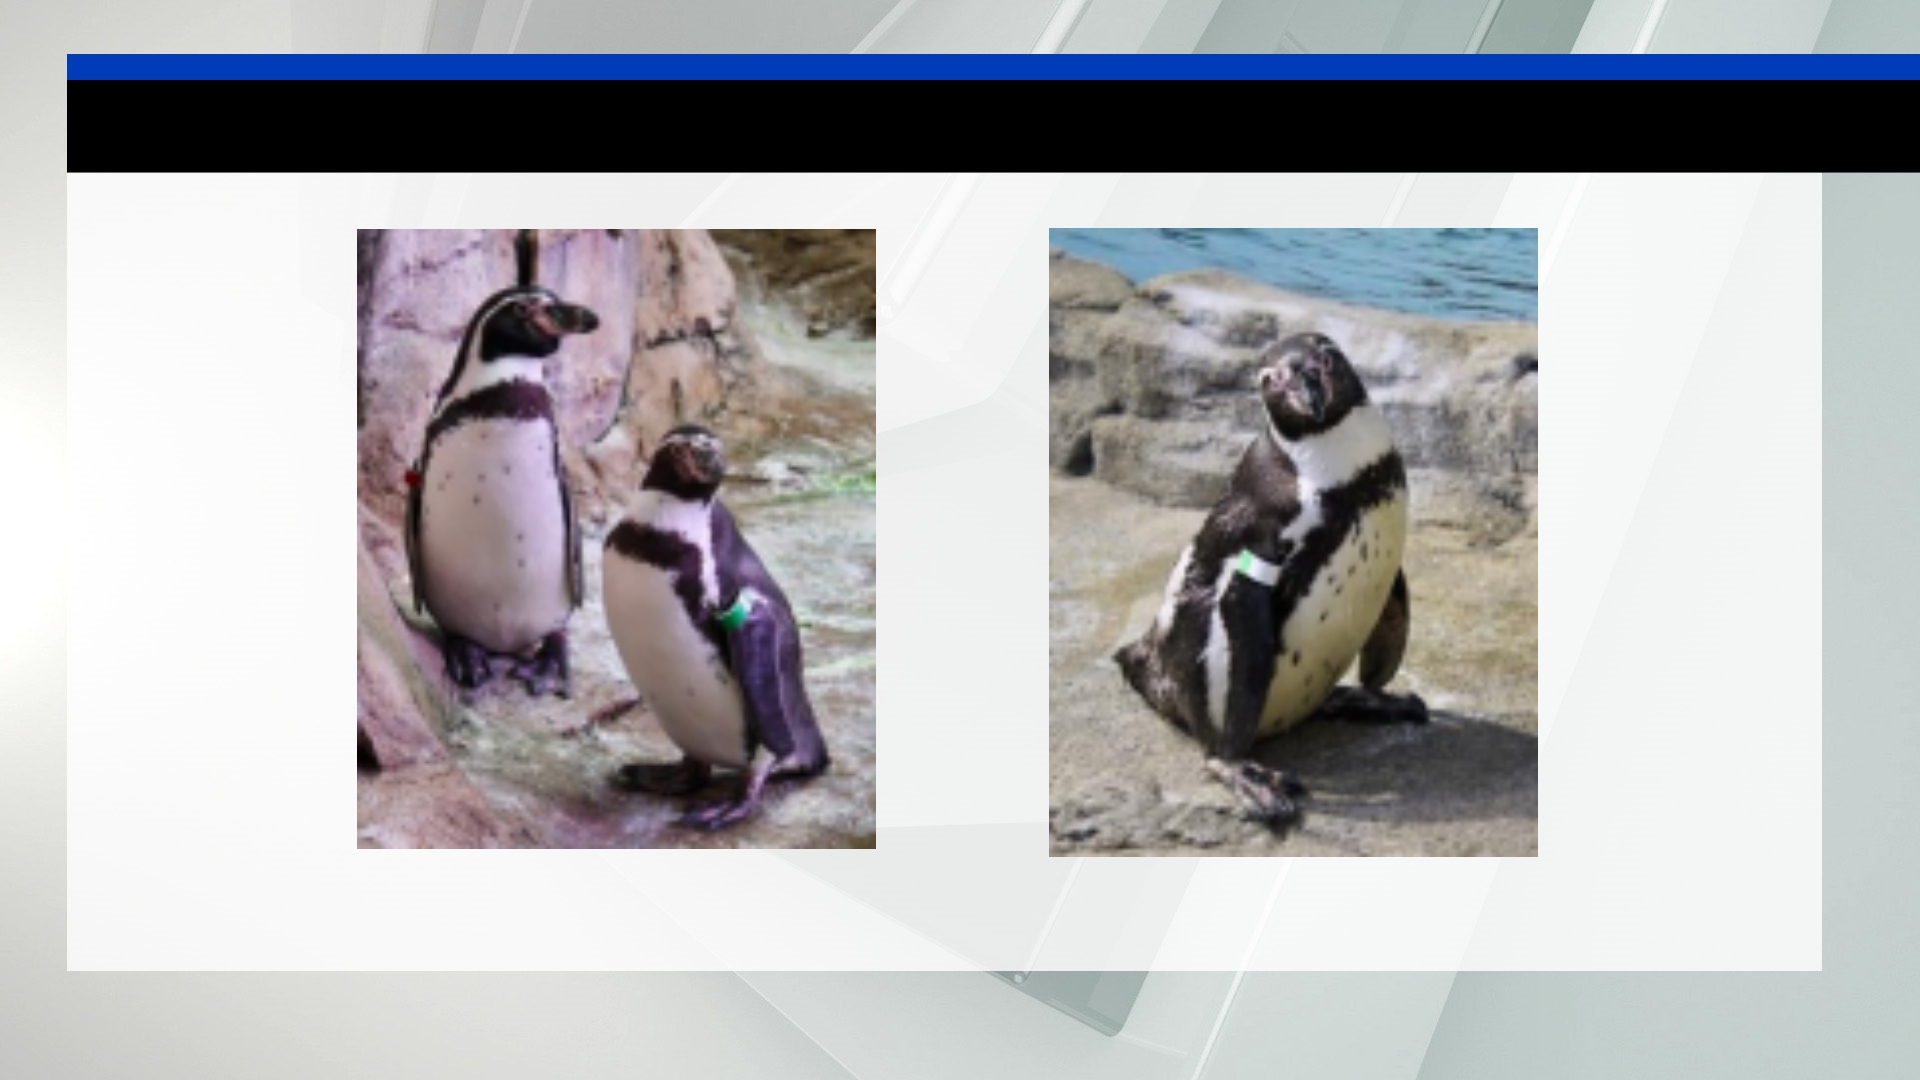 penguins_1552074637164.jpg